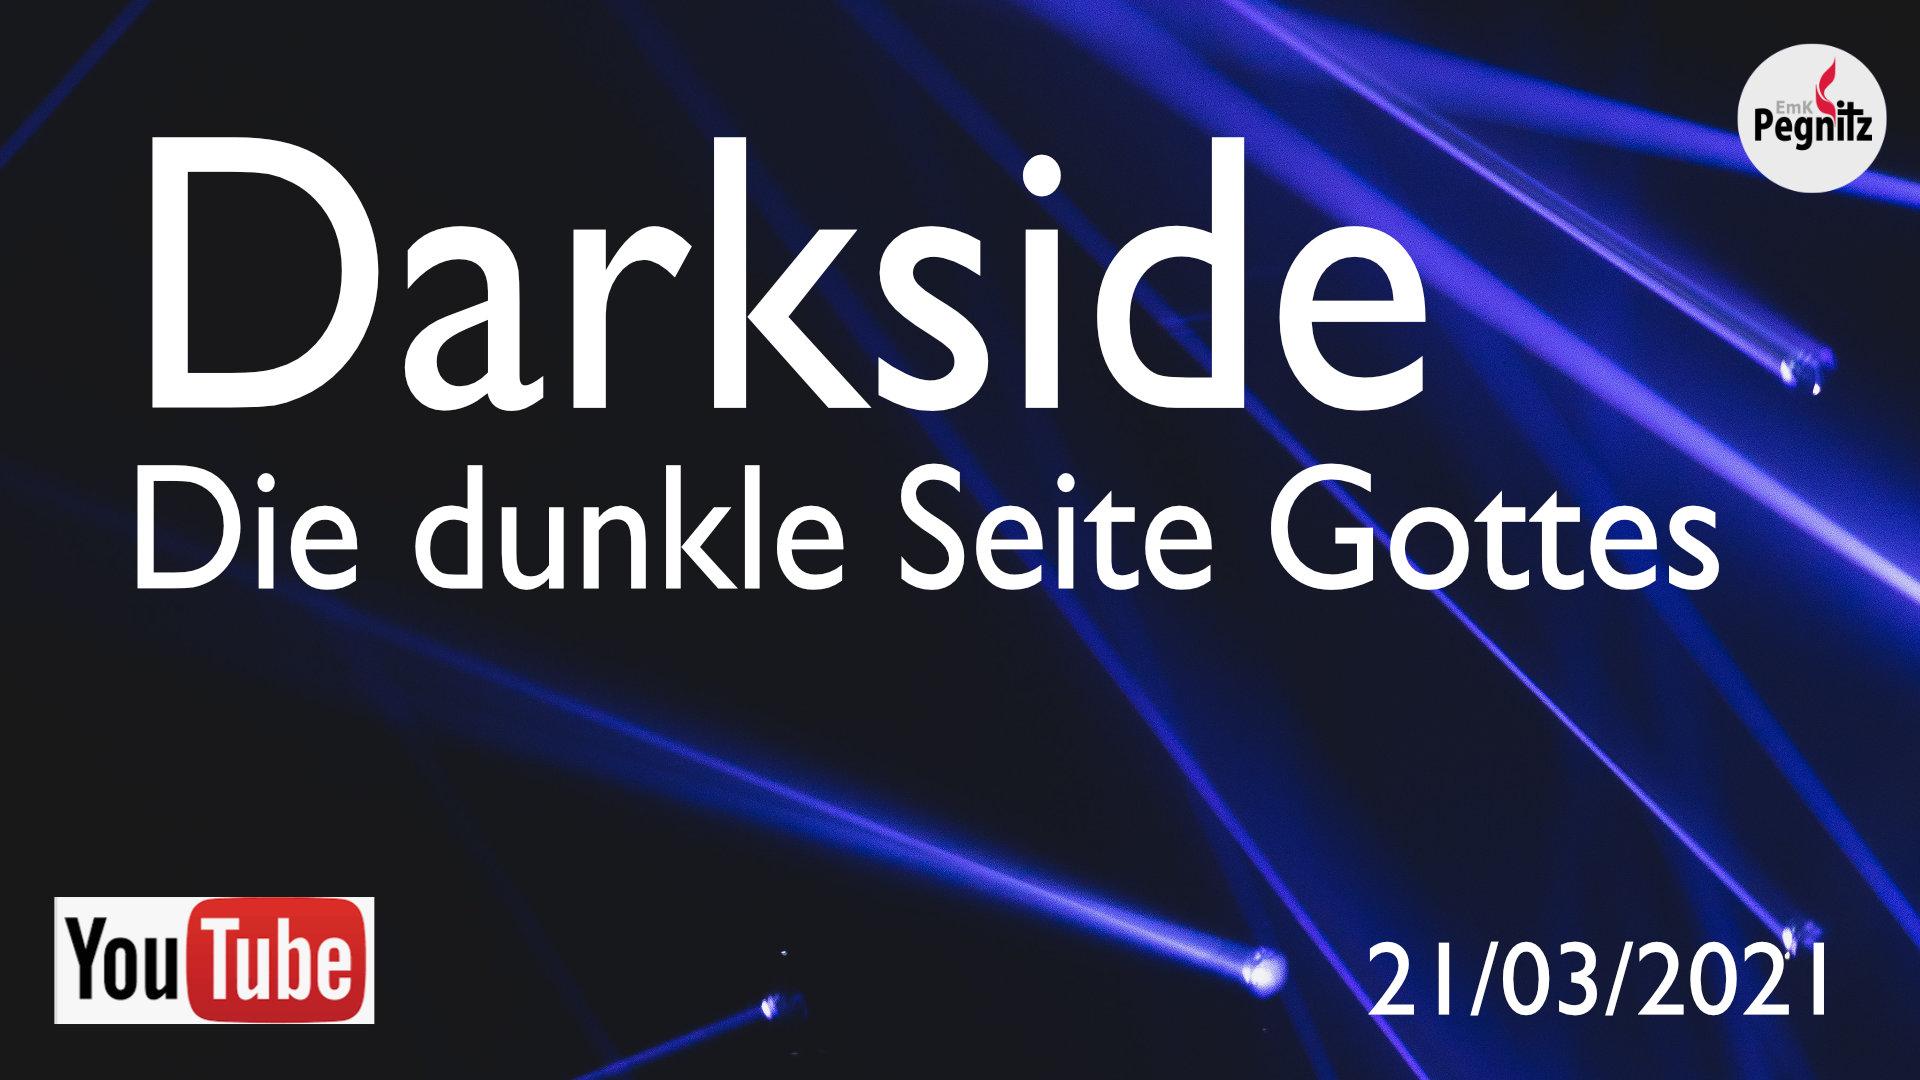 2021-03-21 Darkside